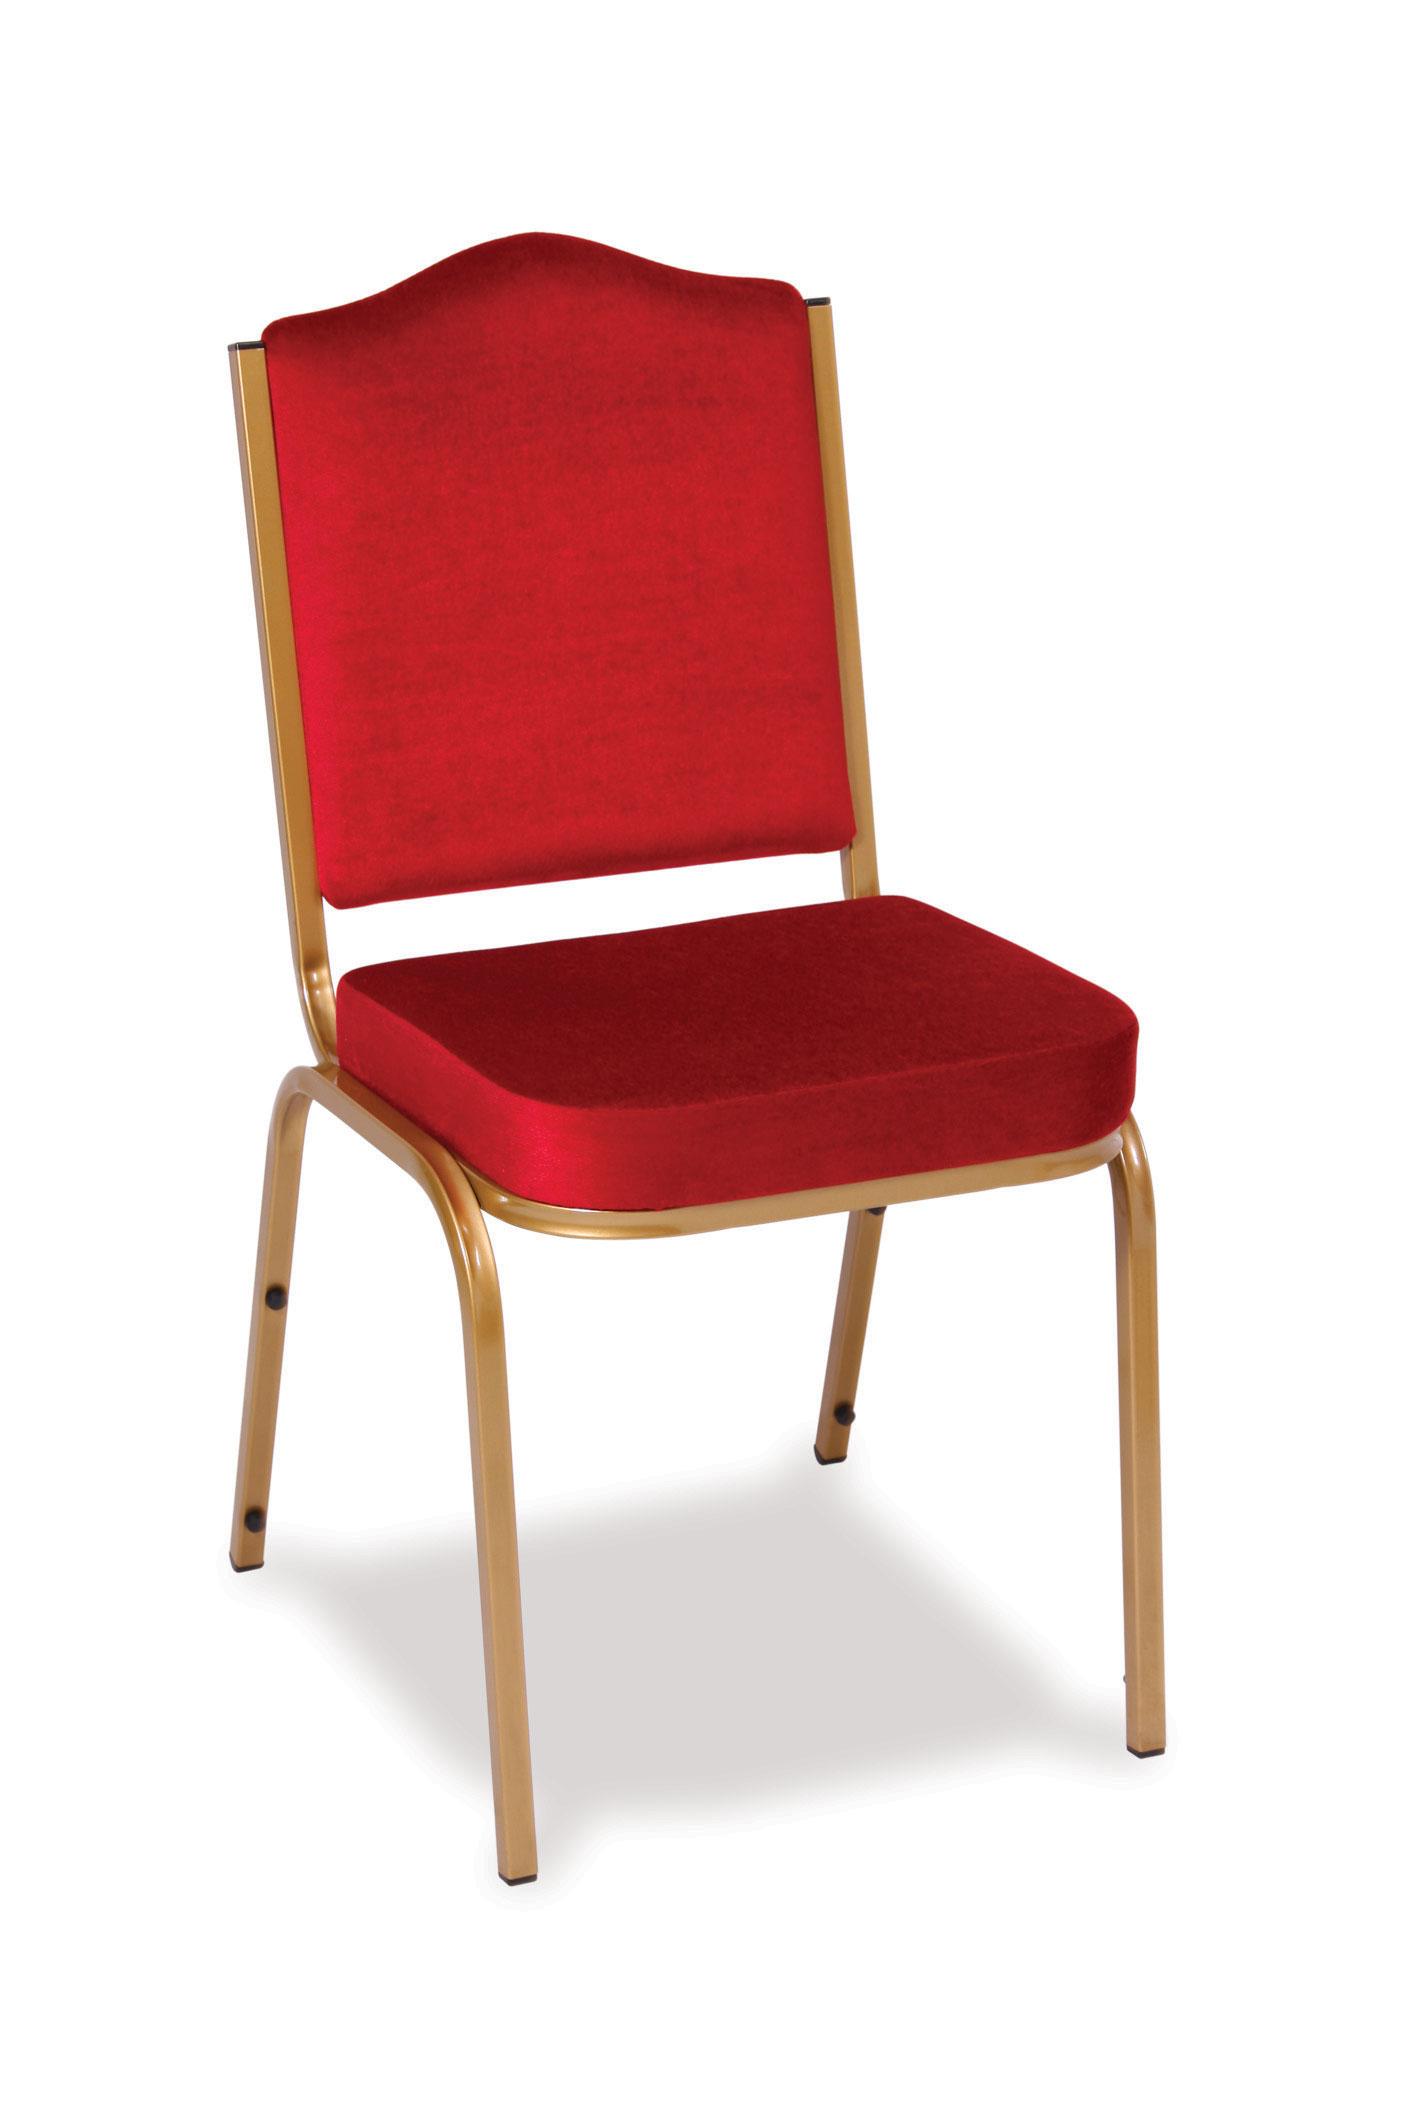 Advanced RTMDLXAdvanced Furniture